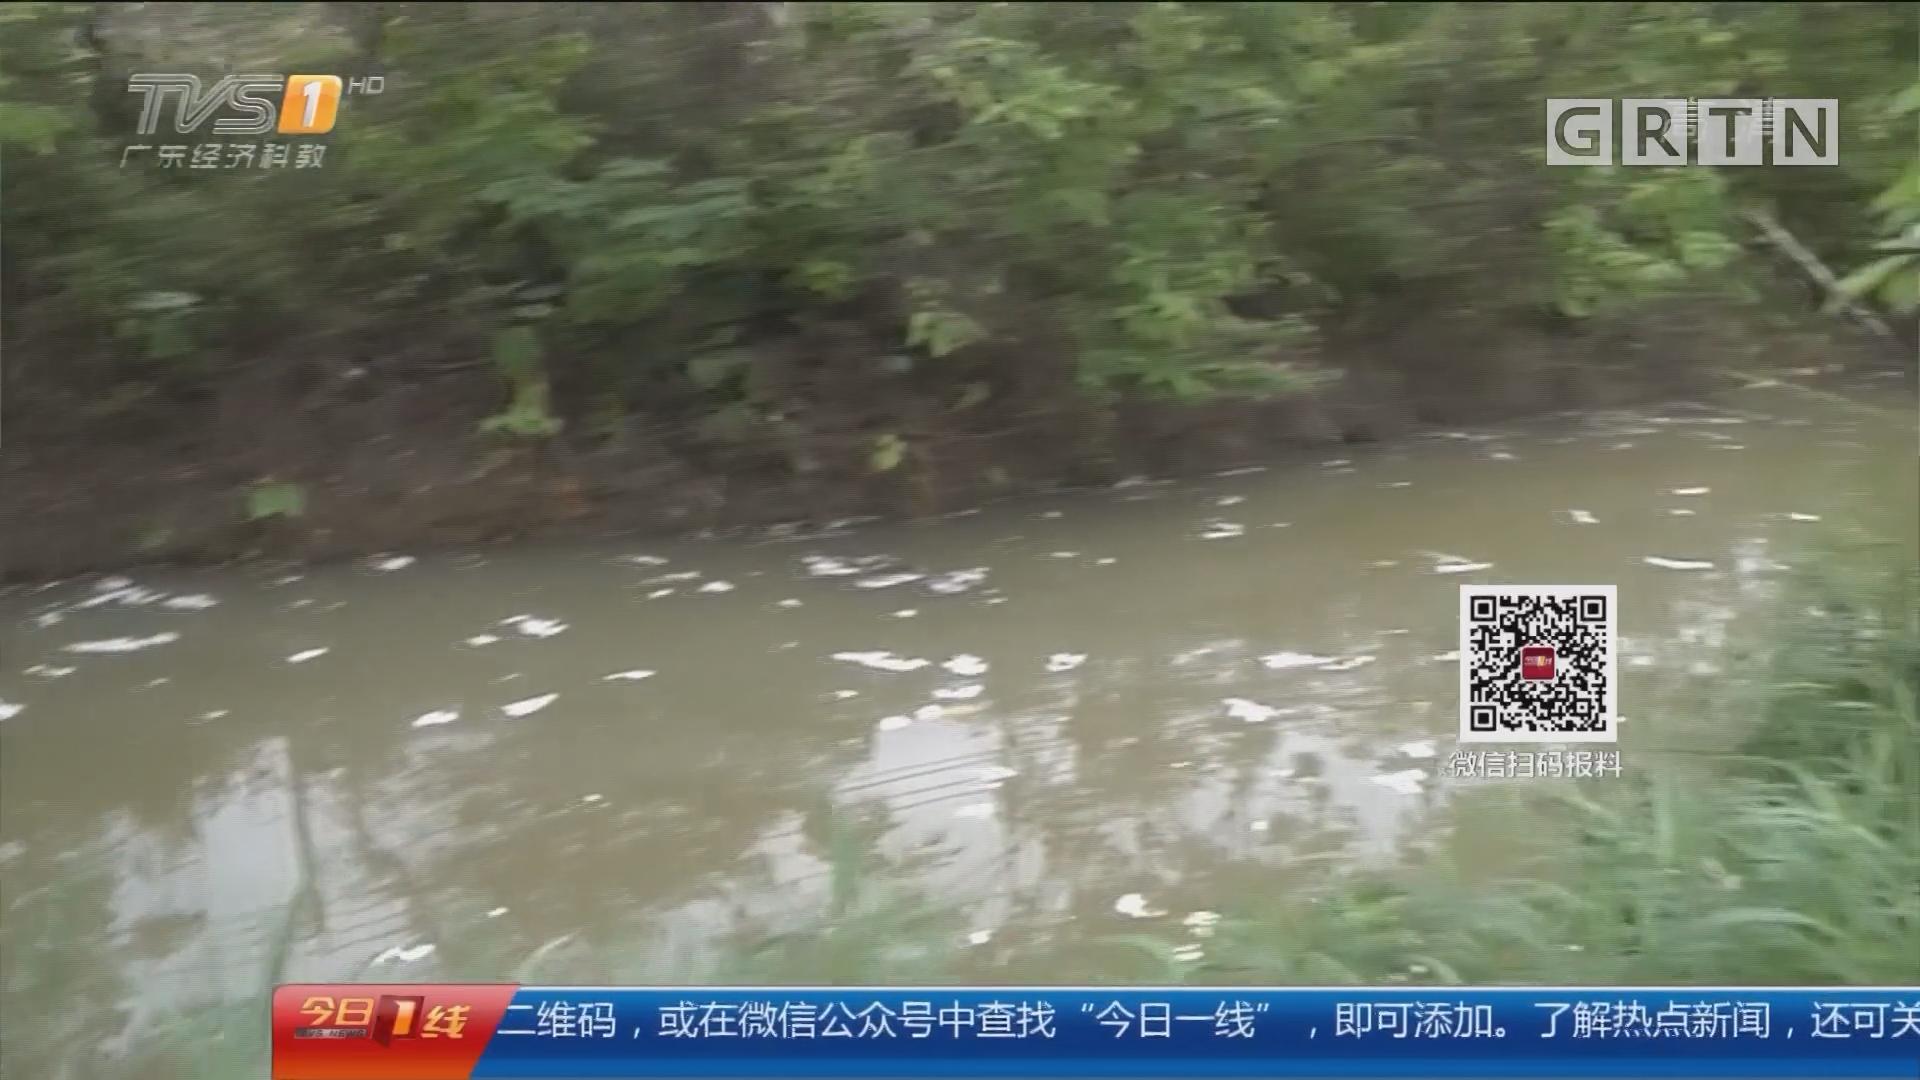 佛山南海:东主涌遭白色泡沫覆盖 环保局介入调查